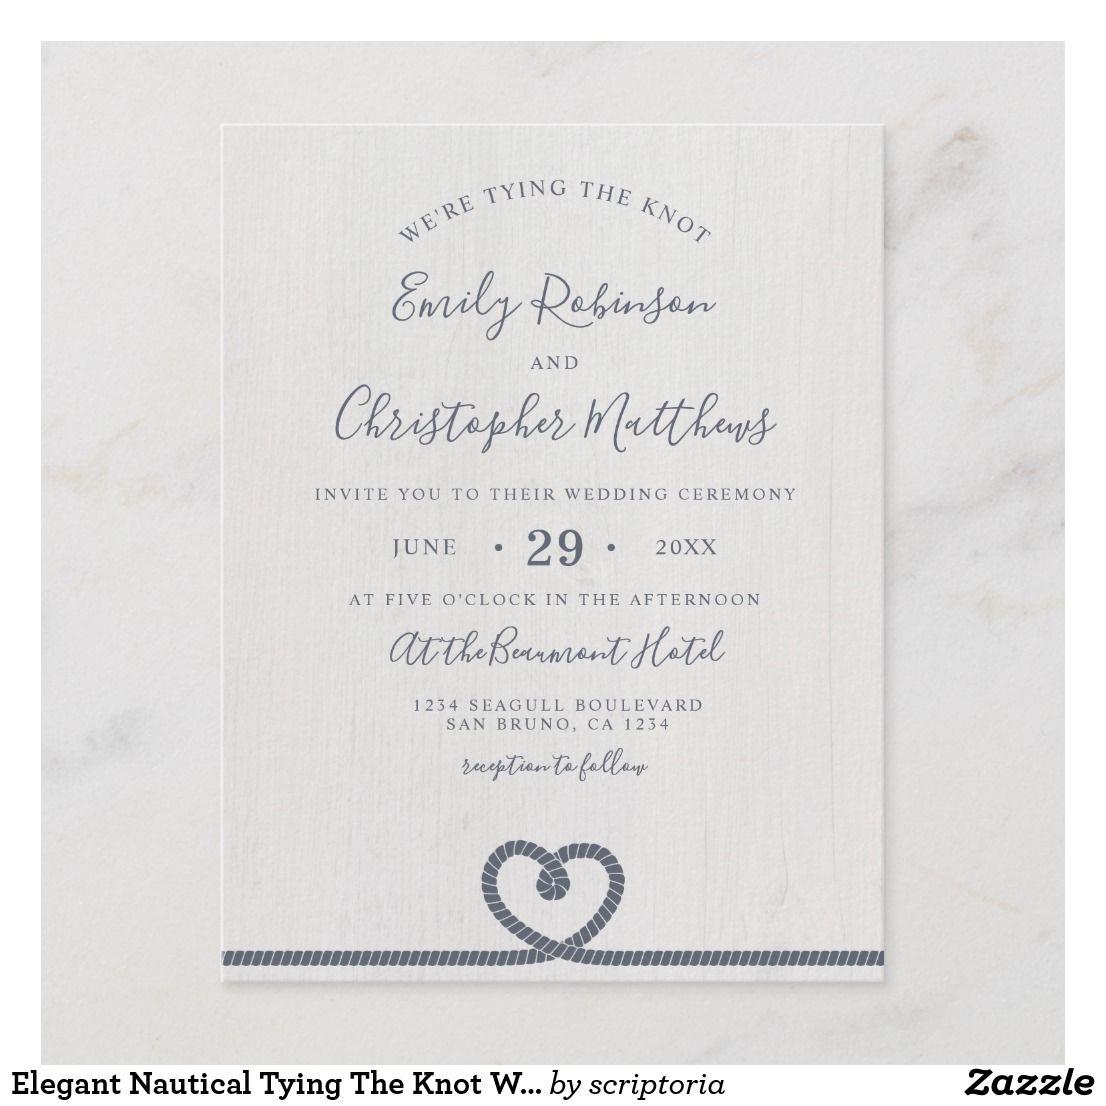 Elegant Nautical Wedding Invitations: Elegant Nautical Tying The Knot Wedding Invitation